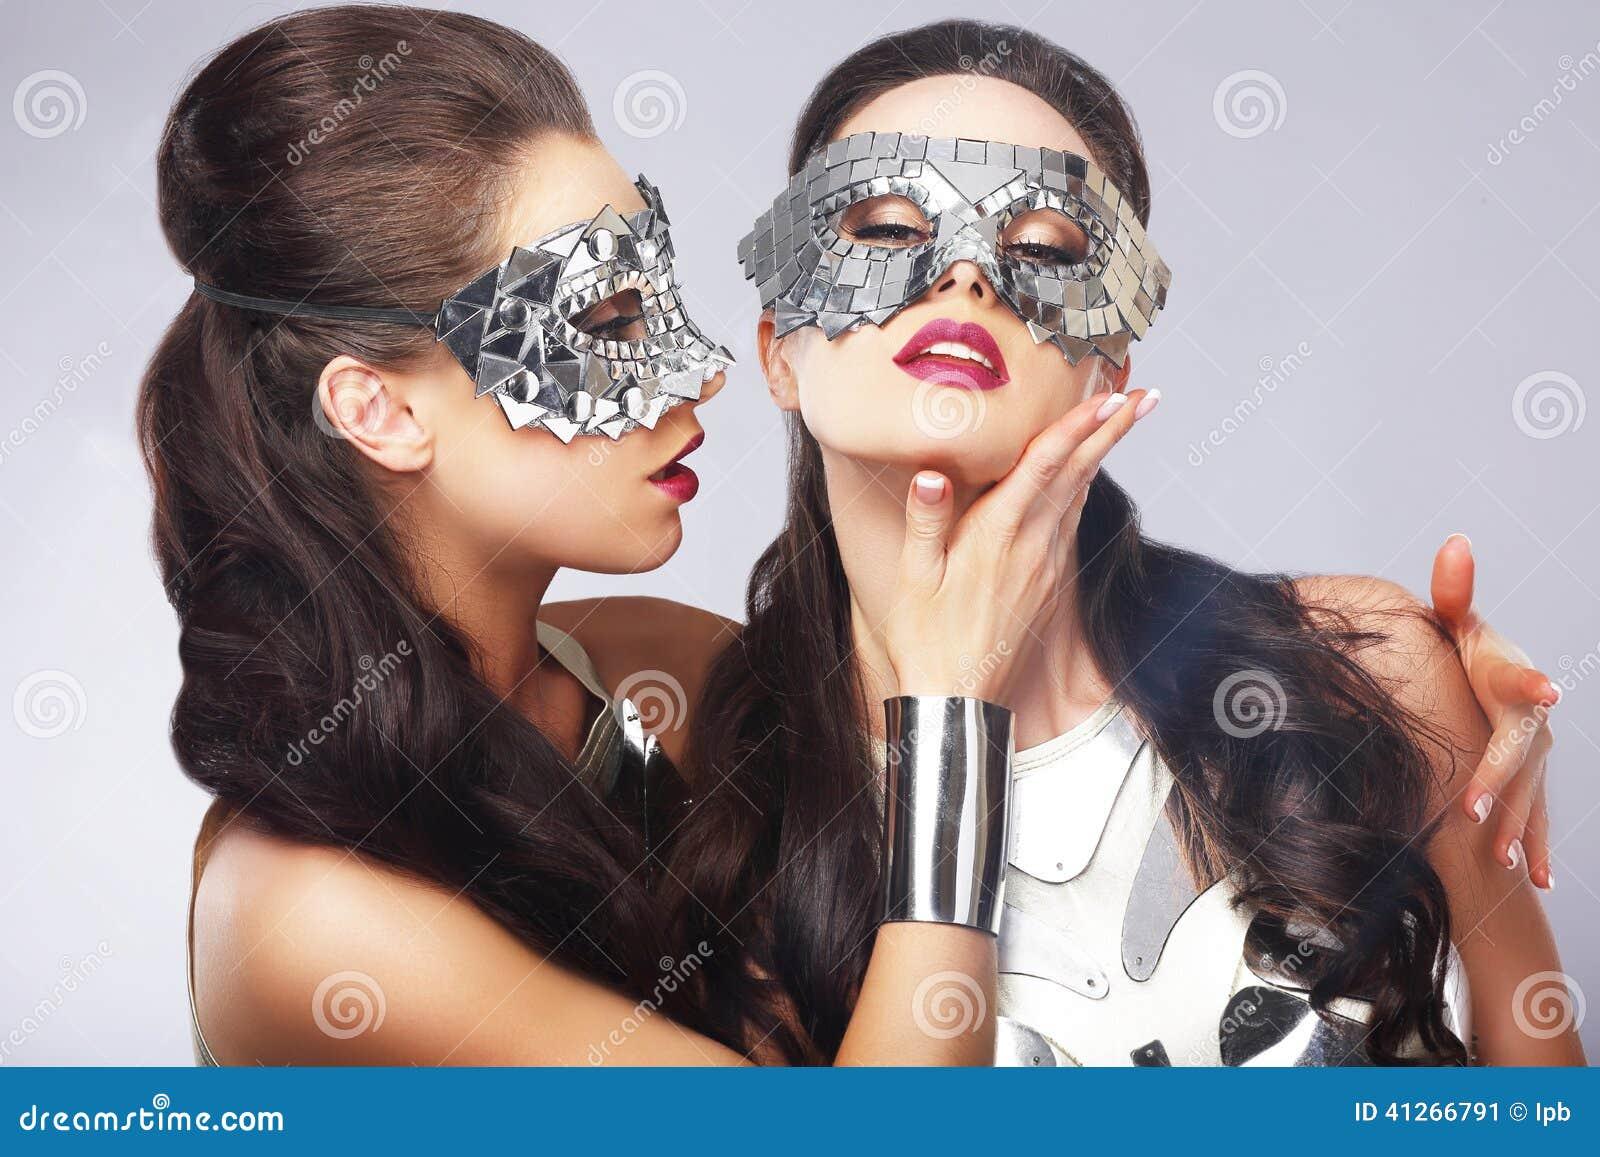 Rozrywka Kobiety w Srebnych Błyszczących maskach artyści